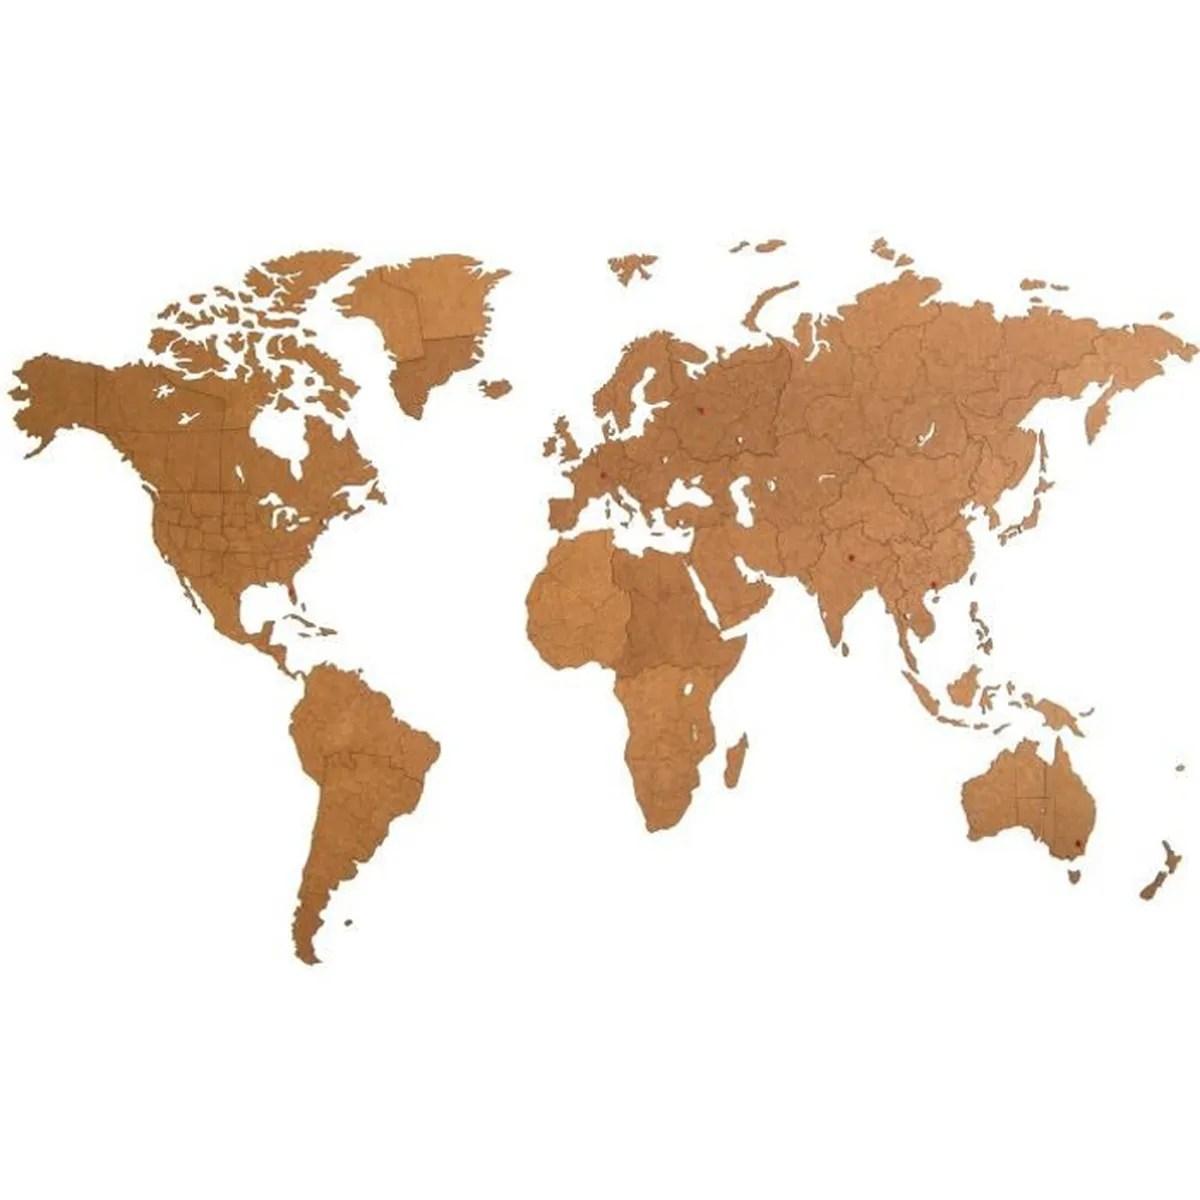 mimi innovations decoration murale geant carte du monde en bois 280x170 cm marron